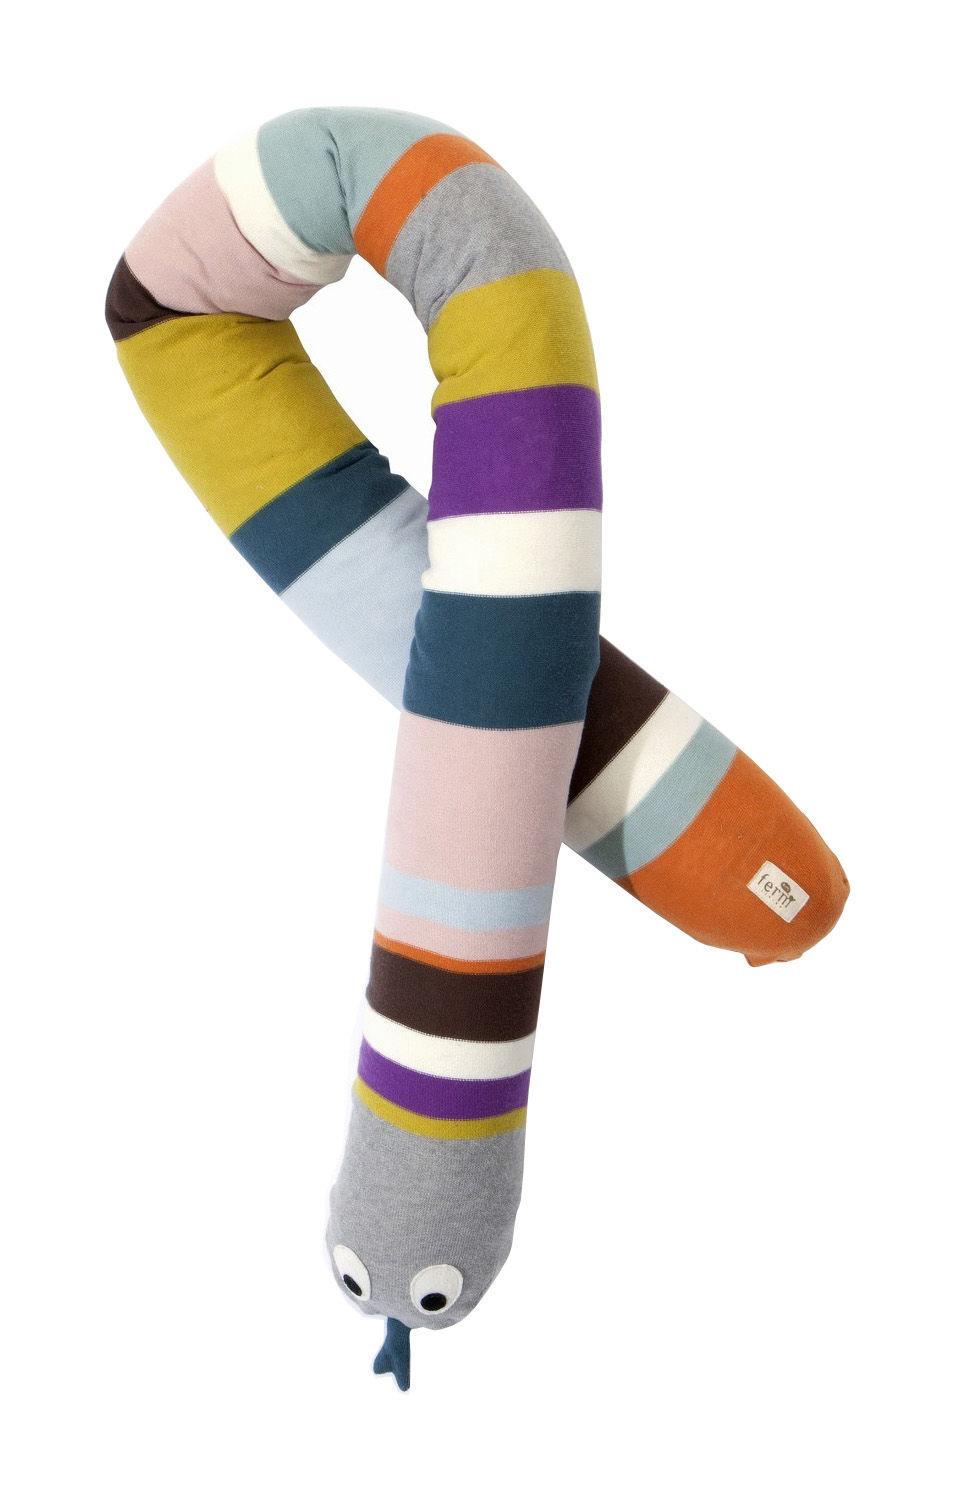 Déco - Pour les enfants - Coussin Mr Snake / Tour de lit - L 180 cm - Ferm Living - Tons vifs - Coton biologique